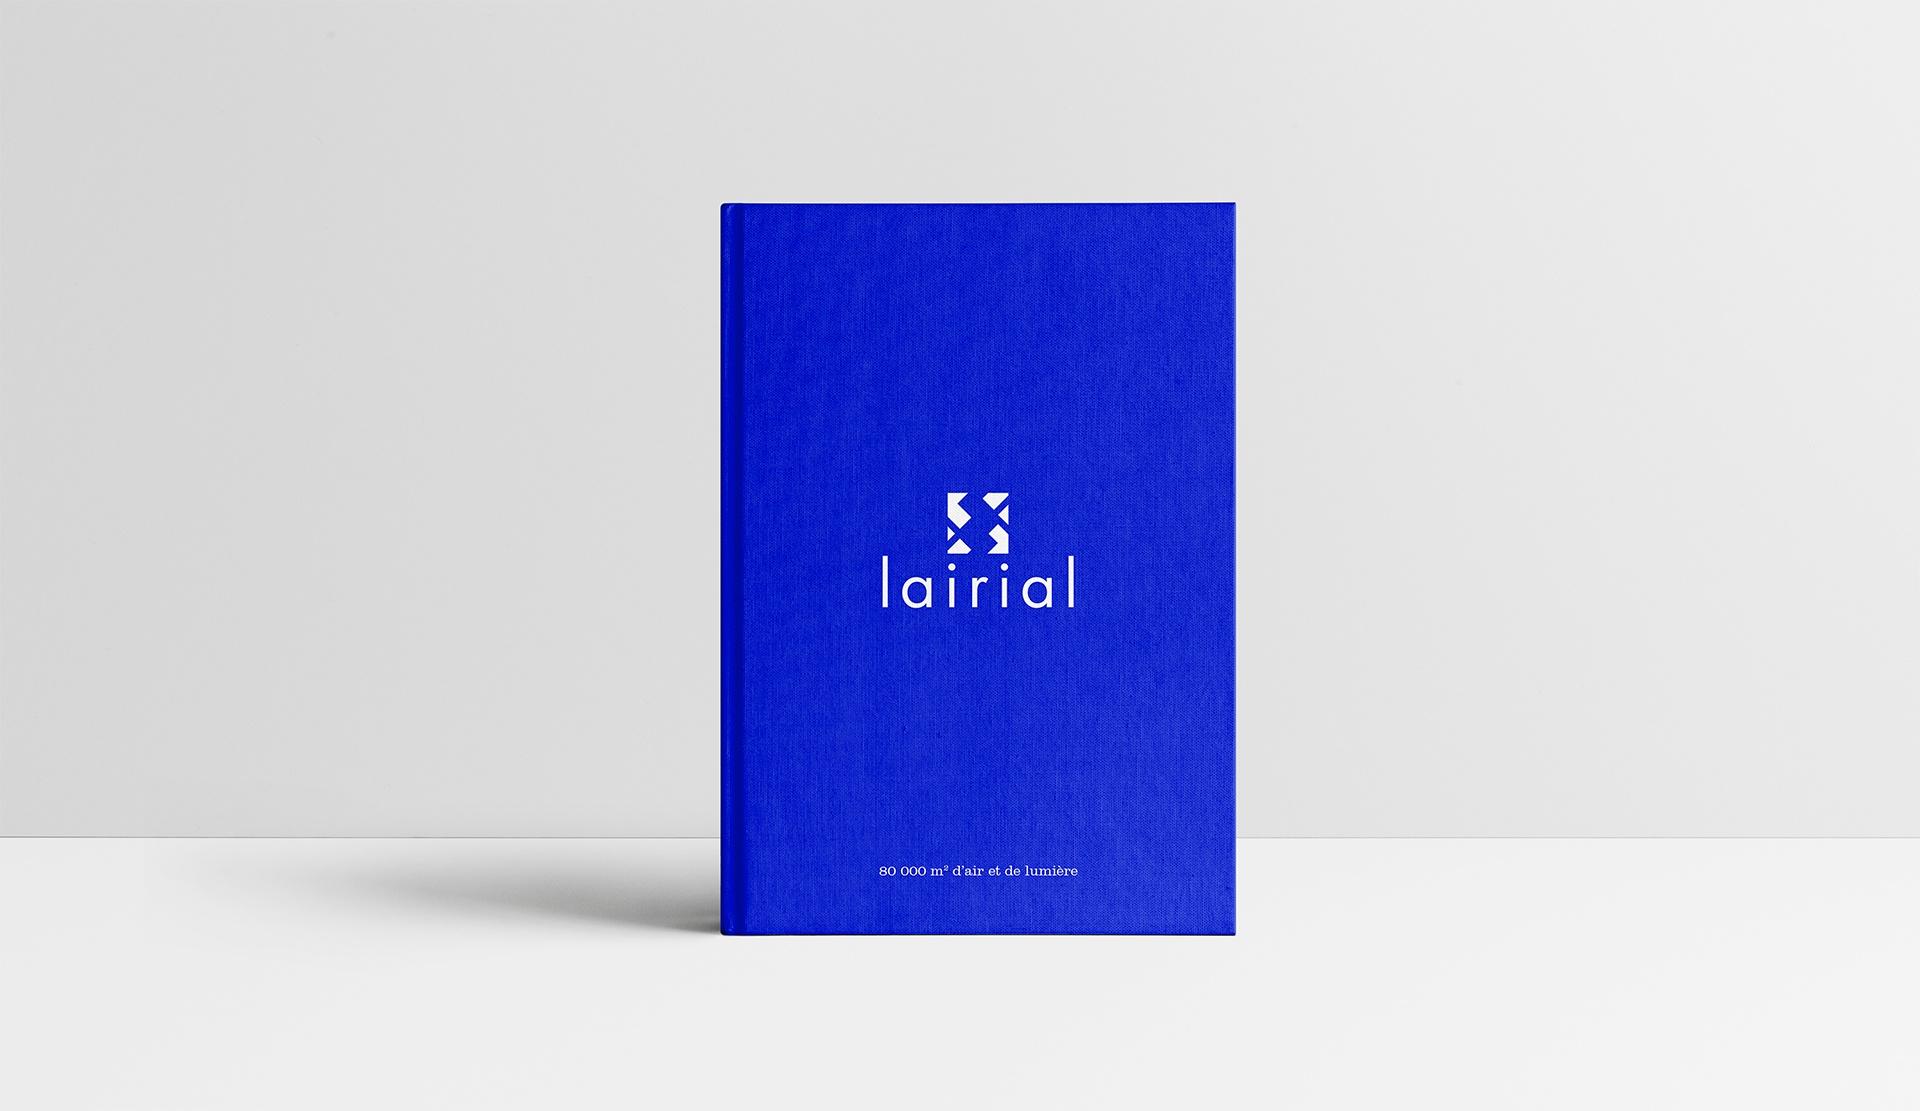 Lairial-Antoine-Peltier-Paul-Joubert-Territoire-06